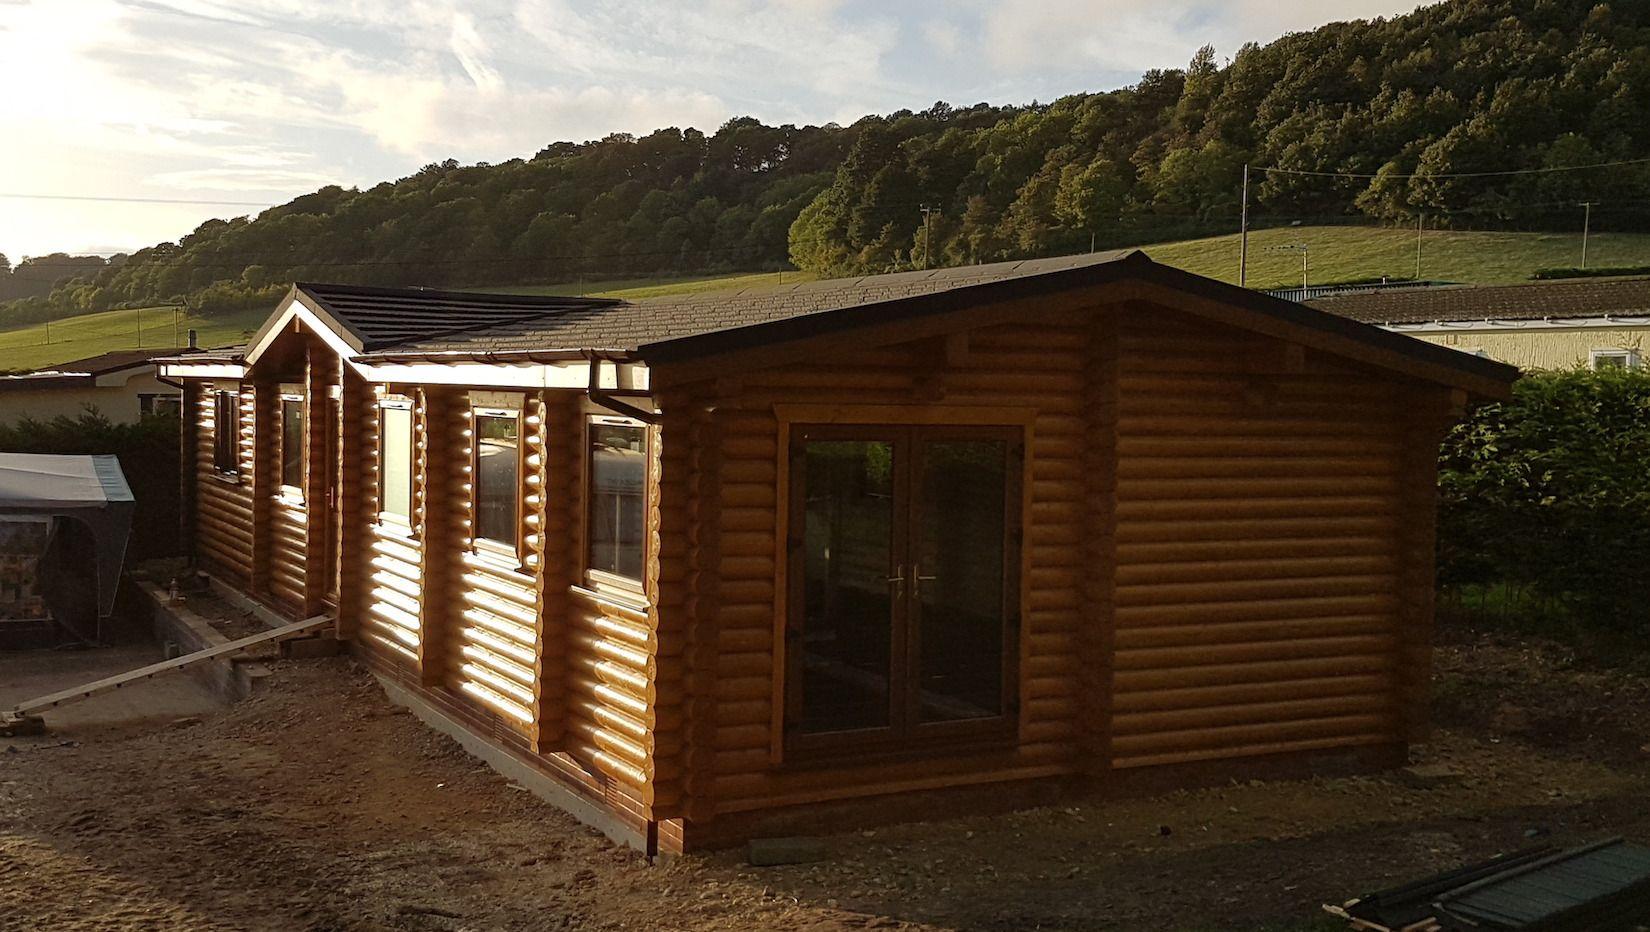 Premier Log Homes residential log buildings